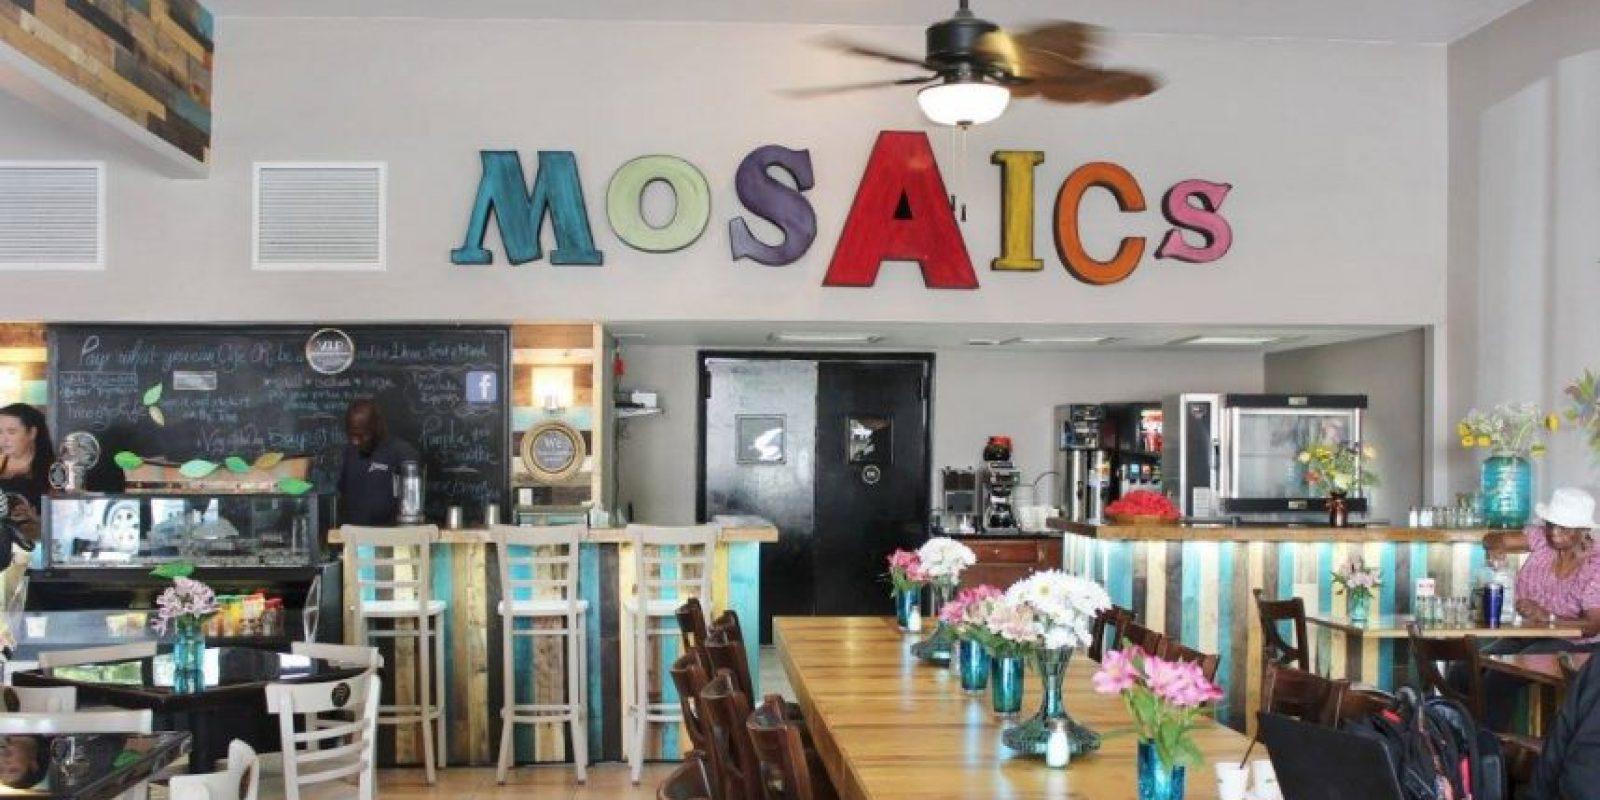 """El restaurante """"Mosaic Community Cafe"""" se abrió al público el martes. Foto:Vía facebook.com/mosaicscommunitycafe"""